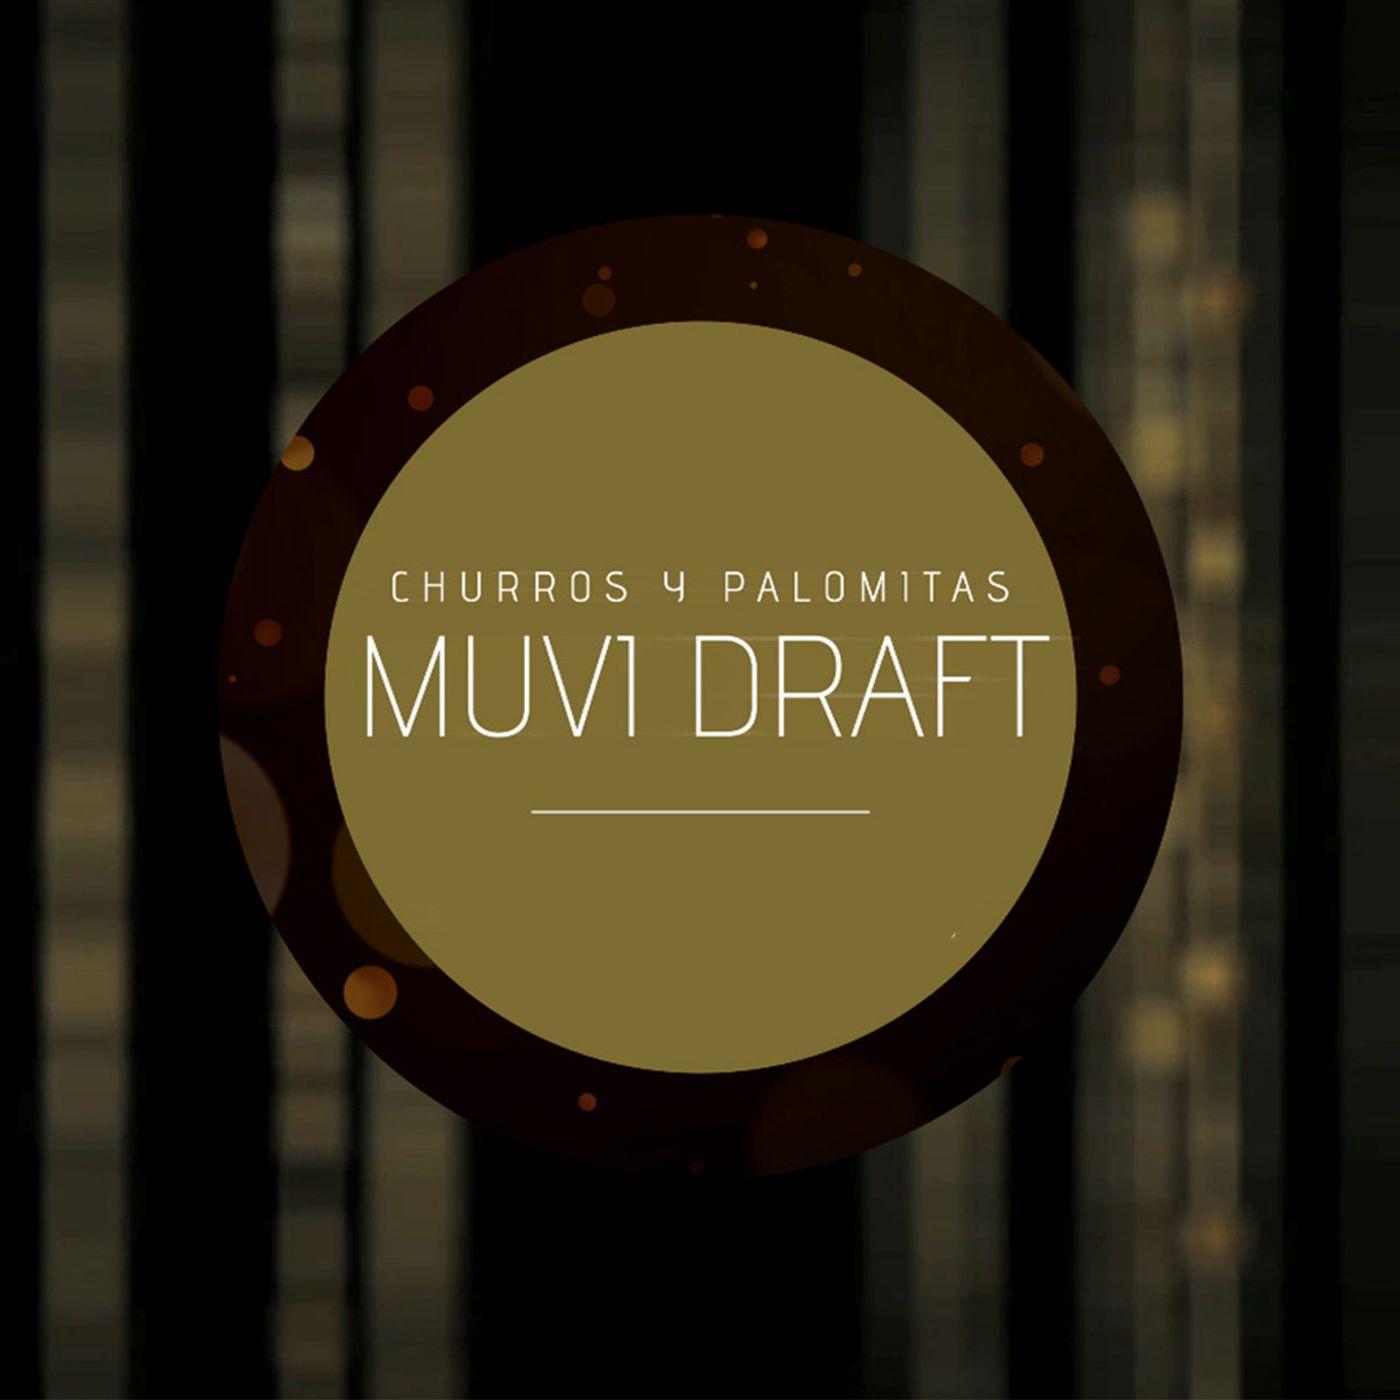 Muvi Draft S9E02 - Taquilla al 23 de Septiembre 2020 (con Edith Sánchez)